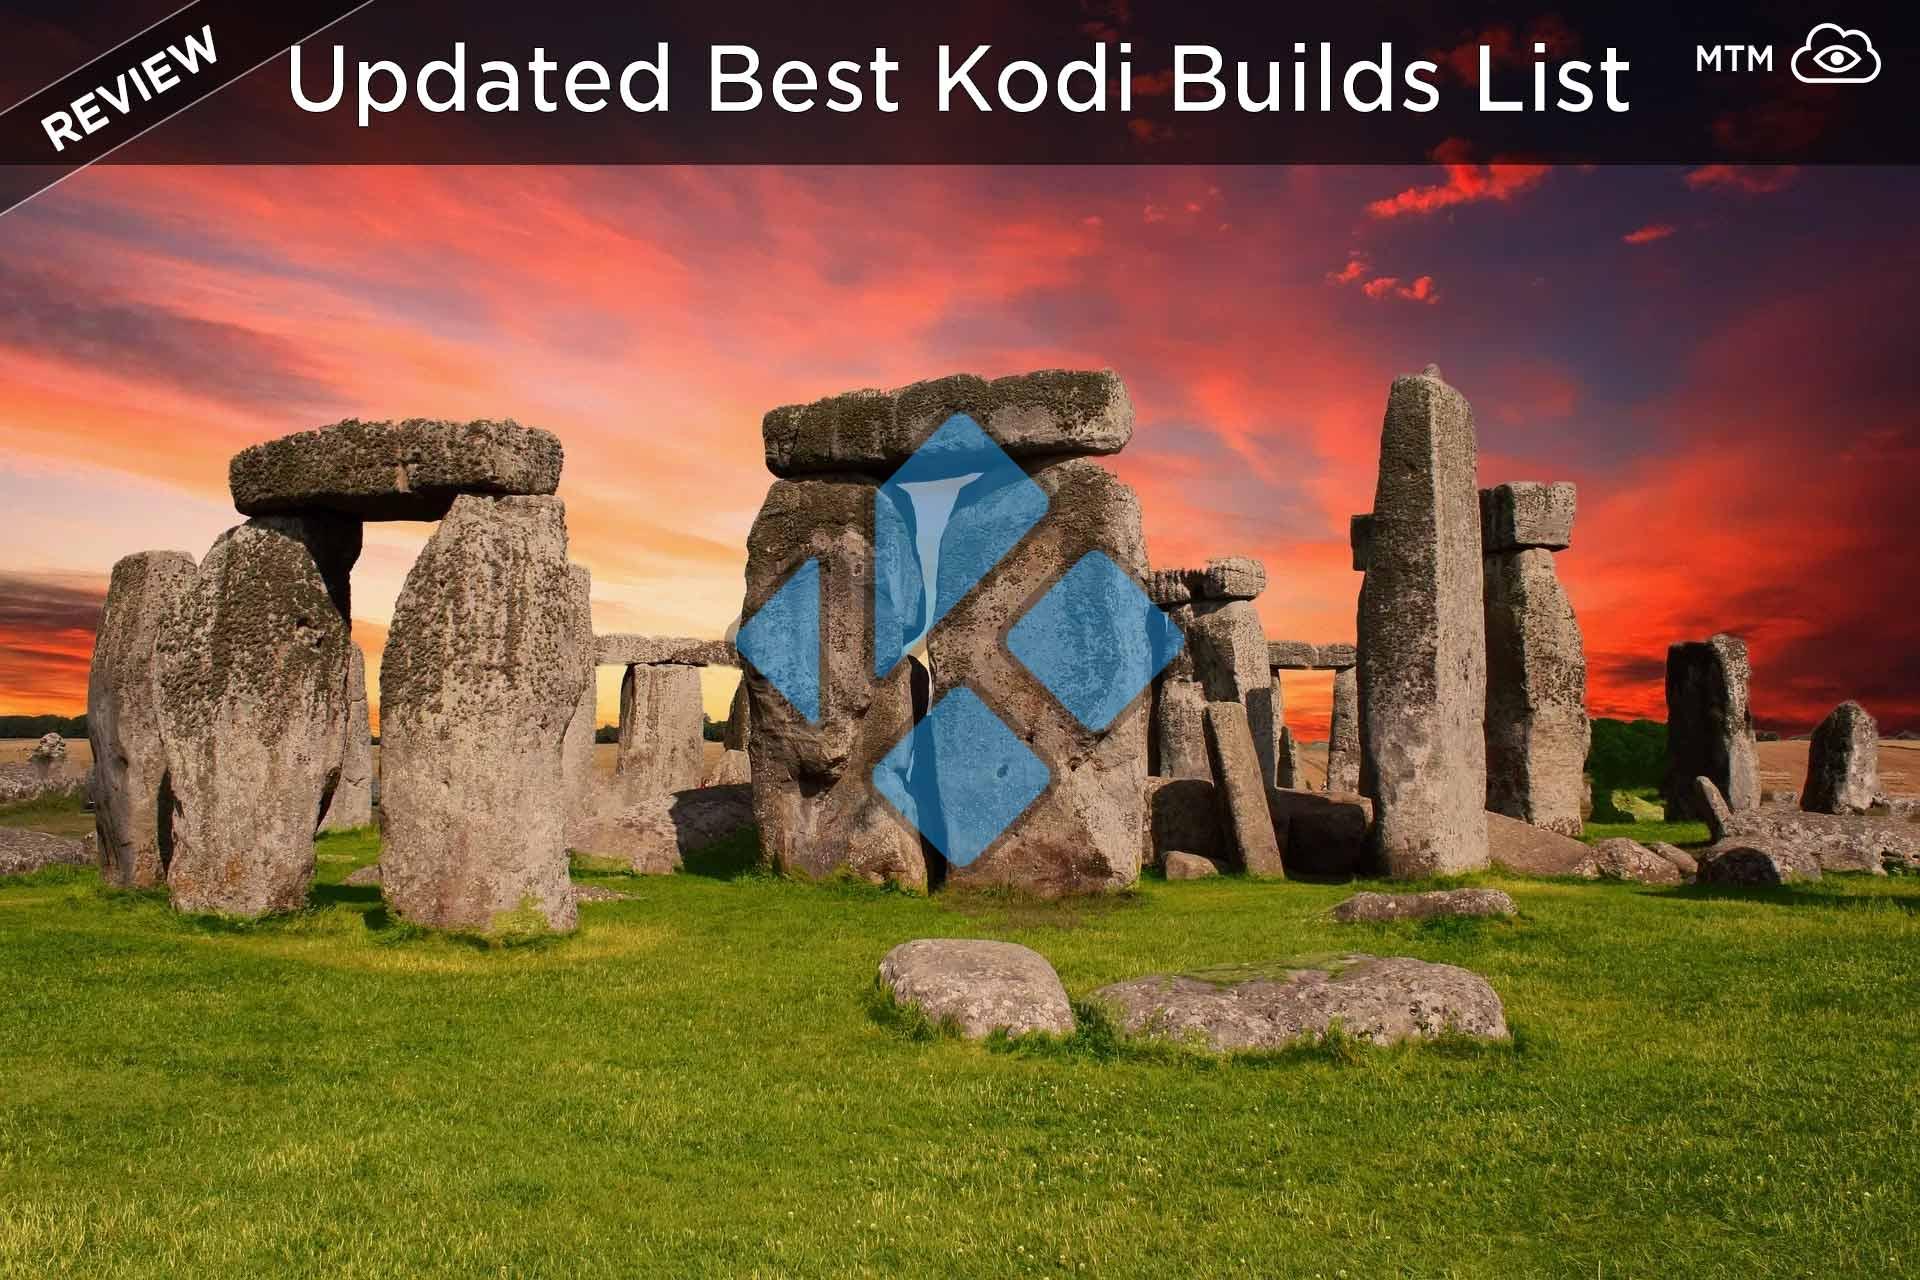 Best Kodi Leia eraikina eguneratua eta funtzionatzen 2020ko ekaina